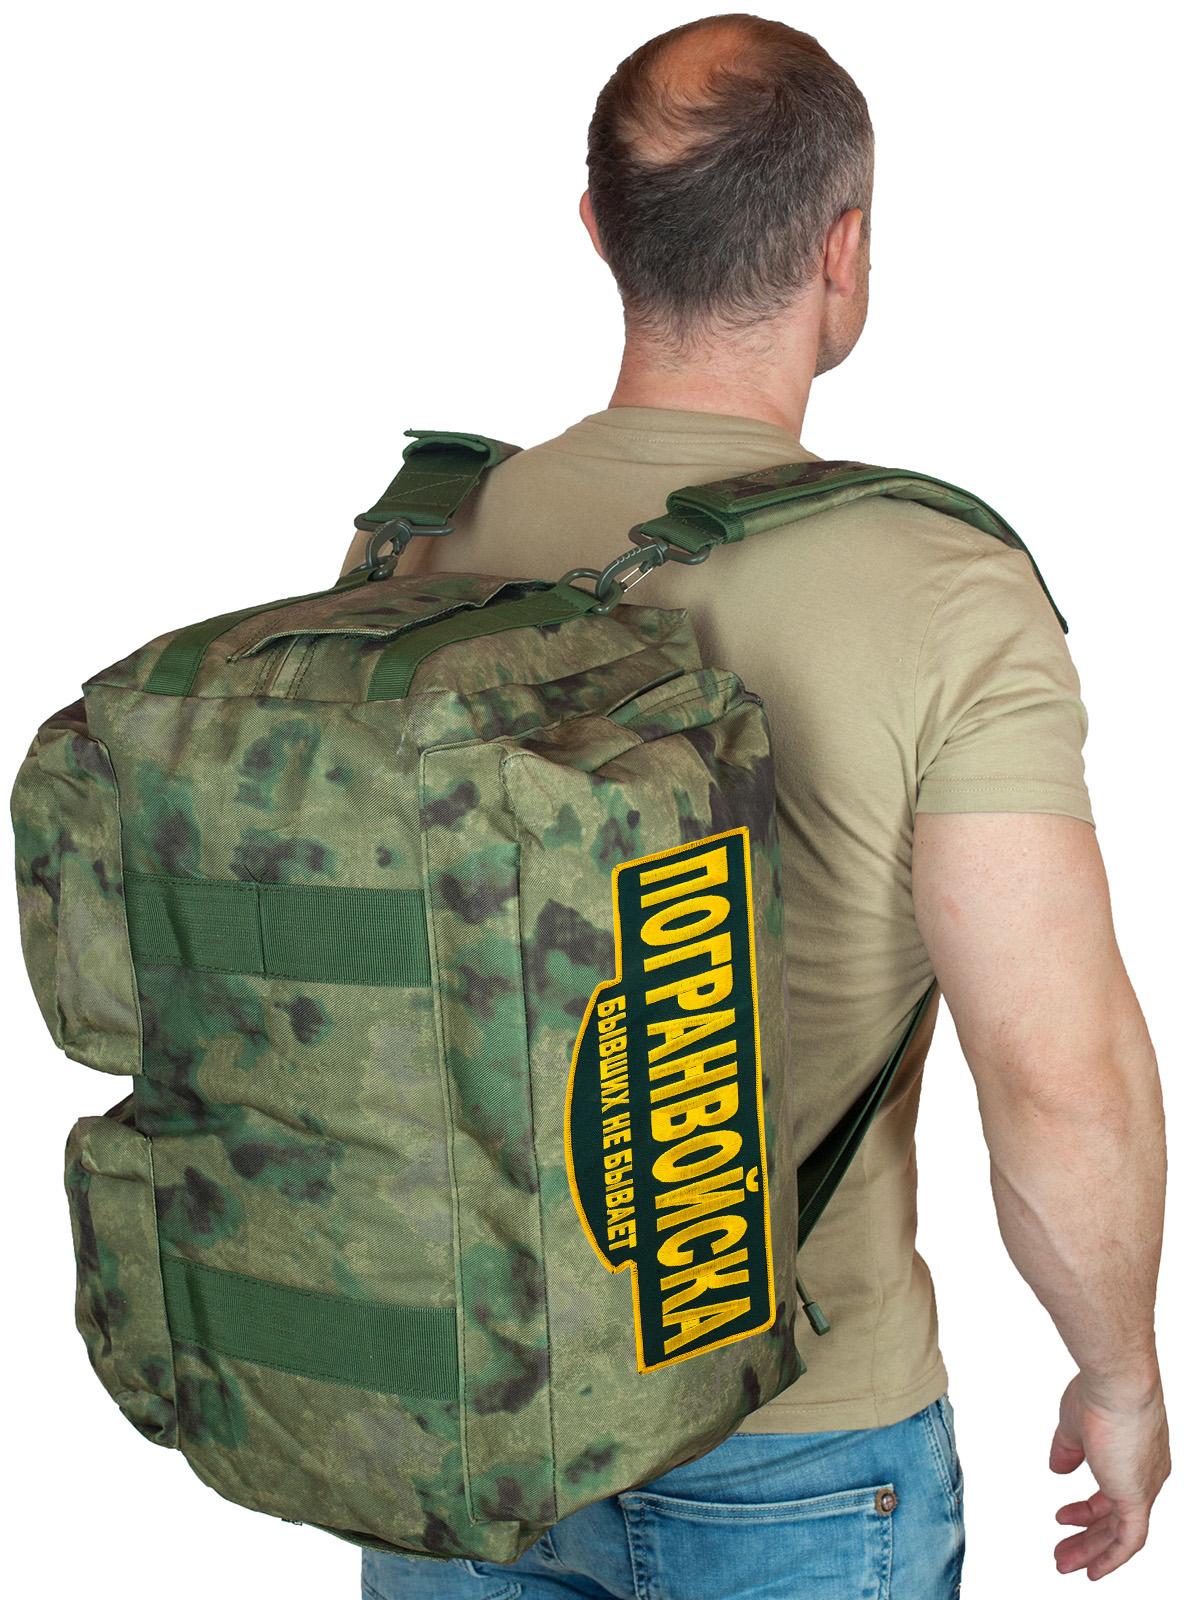 Купить камуфлированную заплечную сумку с нашивкой Погранвойска по лучшей цене